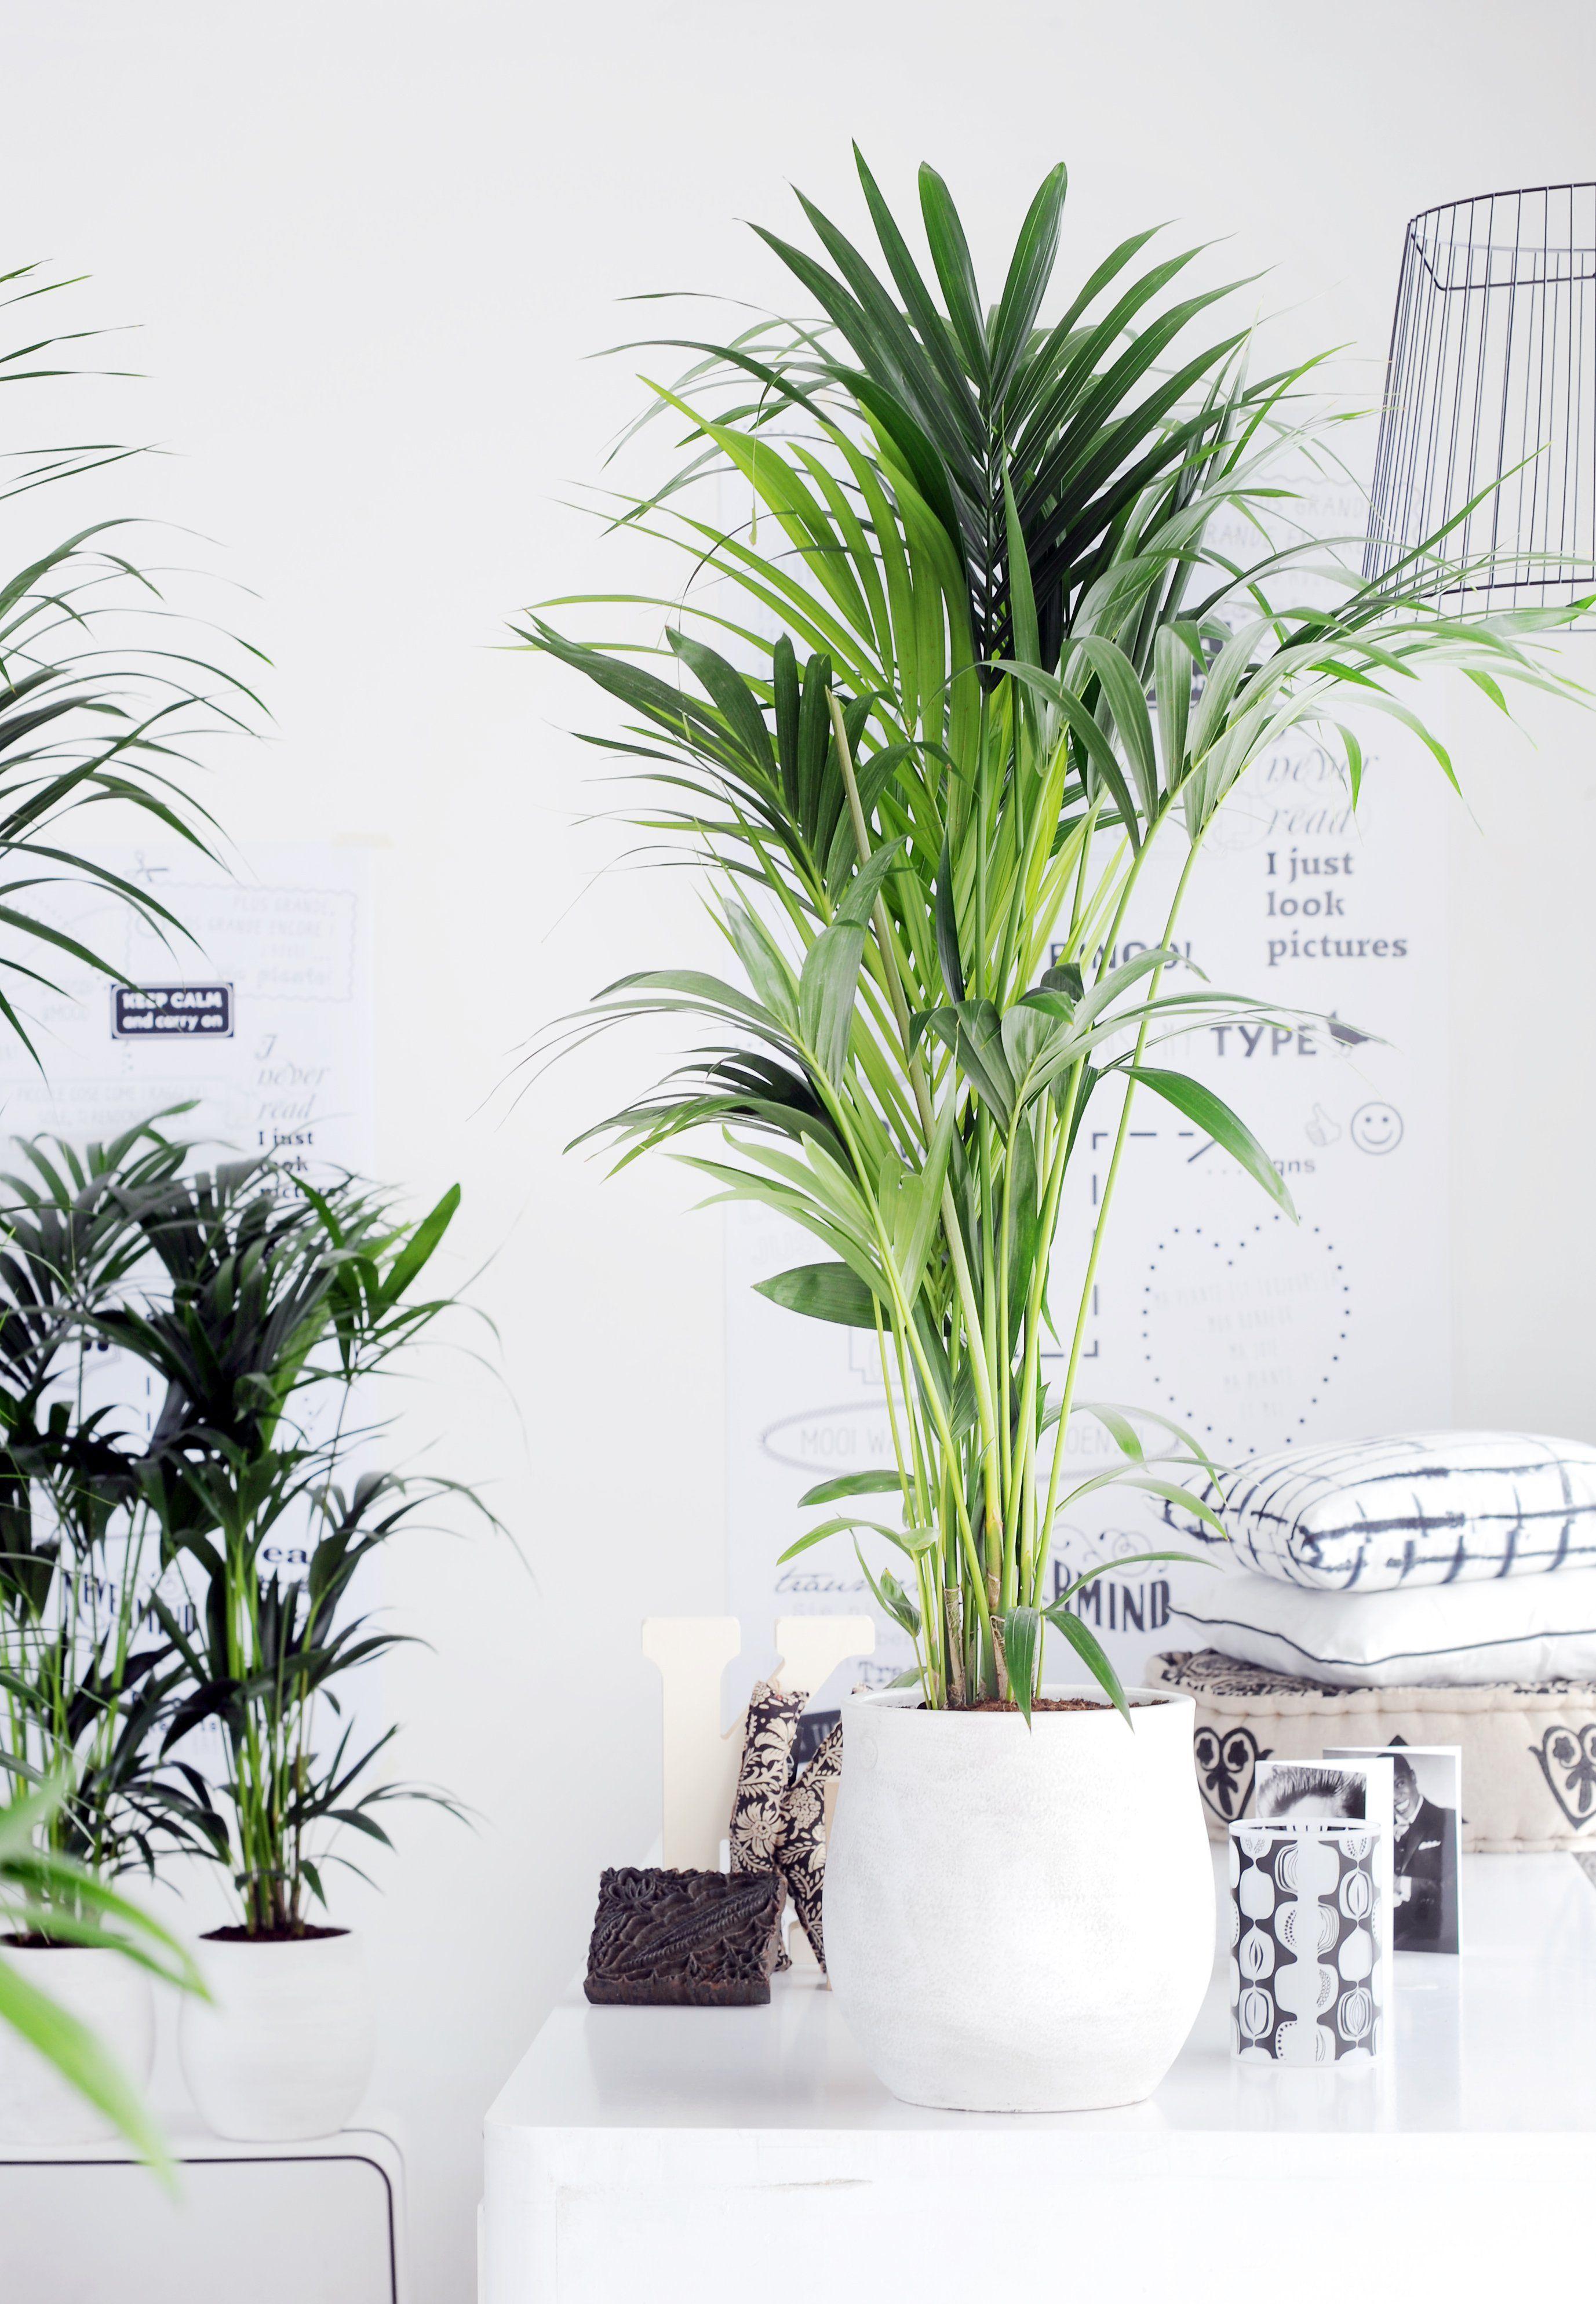 Zimmerpflanzen Portrat Kentia Palme Kentiapalme Das Haus Schlafzimmer Pflanzen Pflanzen Zimmerpflanzen